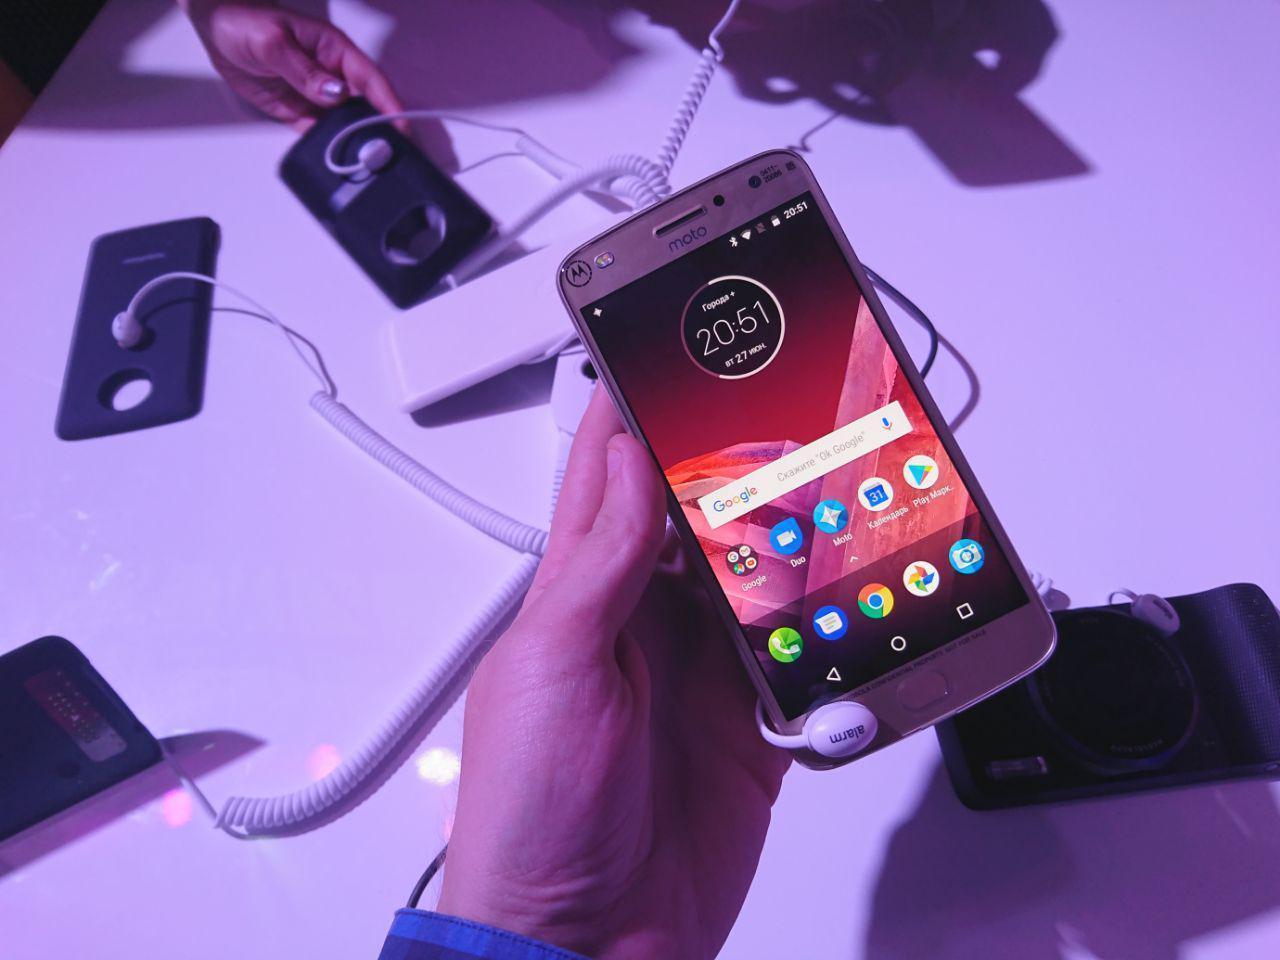 photo 2017 06 27 20 52 42 - Motorola Moto Z2 Play официально представлен в России